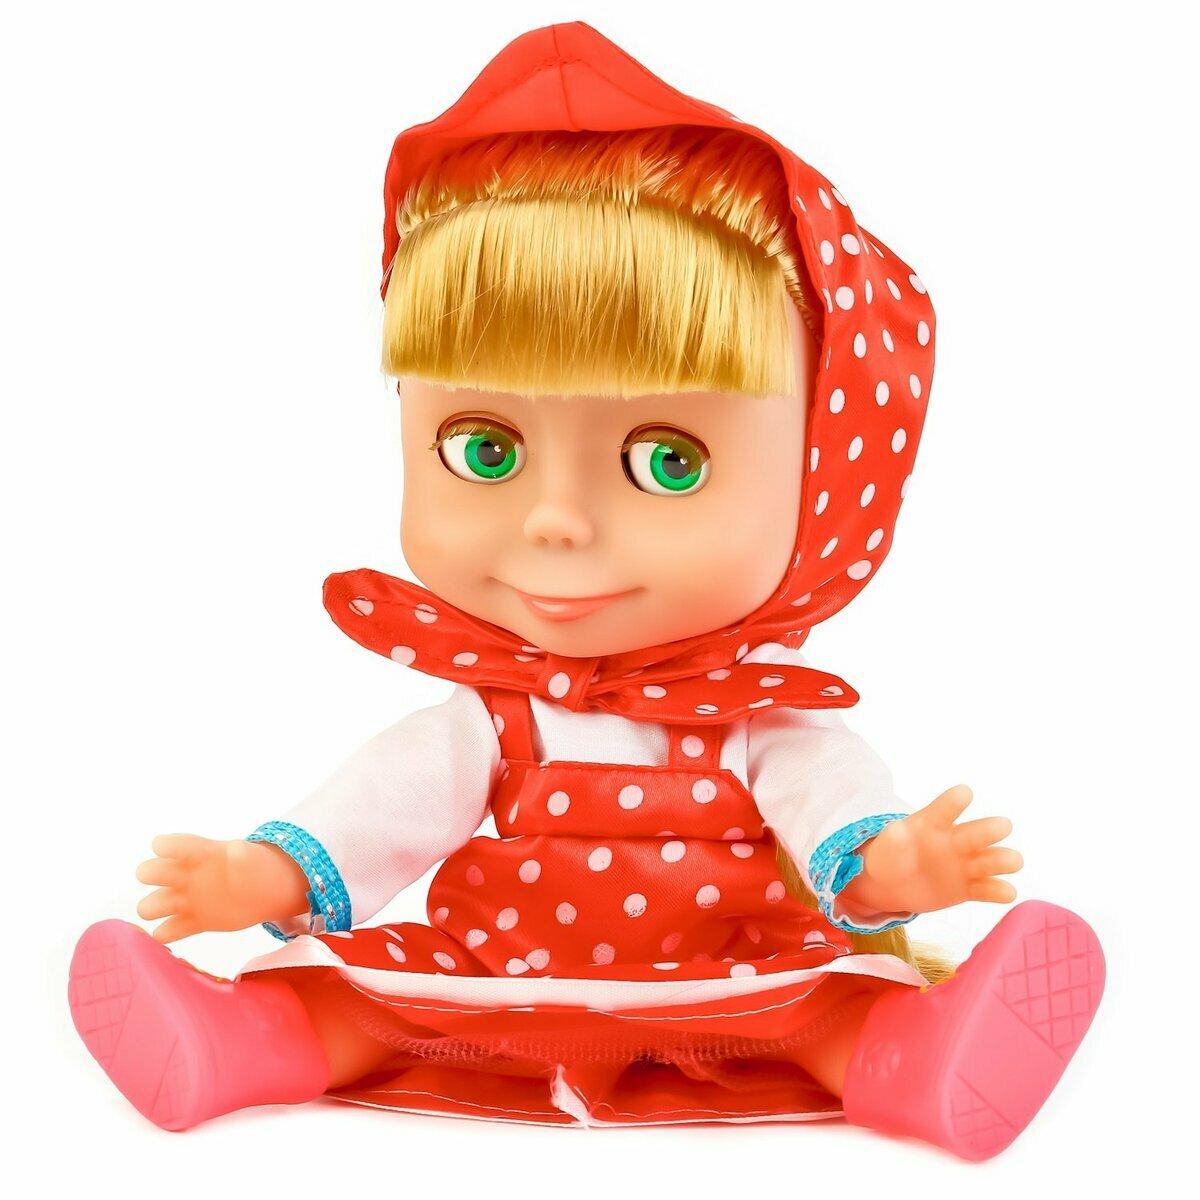 Картинка в гостях у куклы маши любом